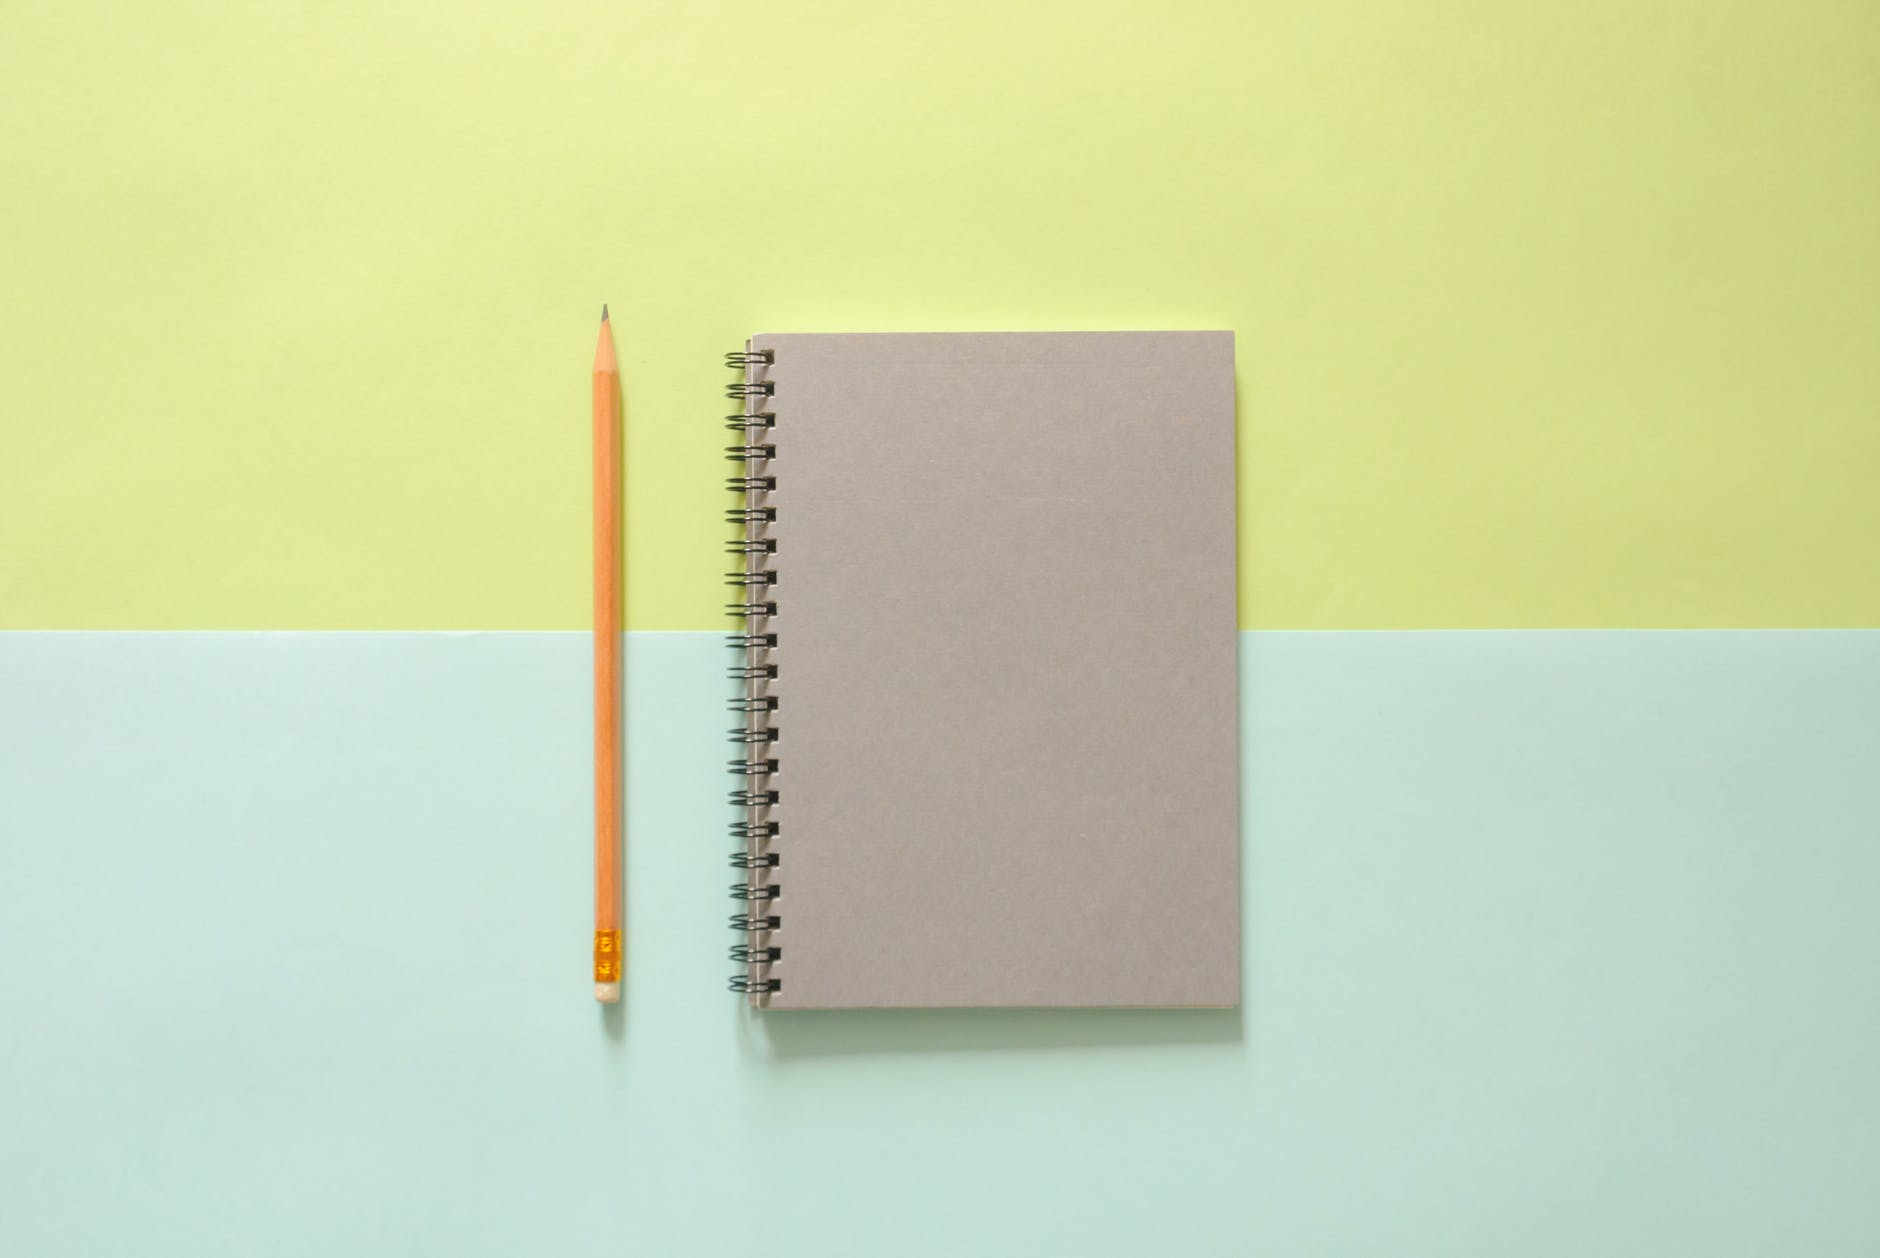 white spiral notebook beside orange pencil